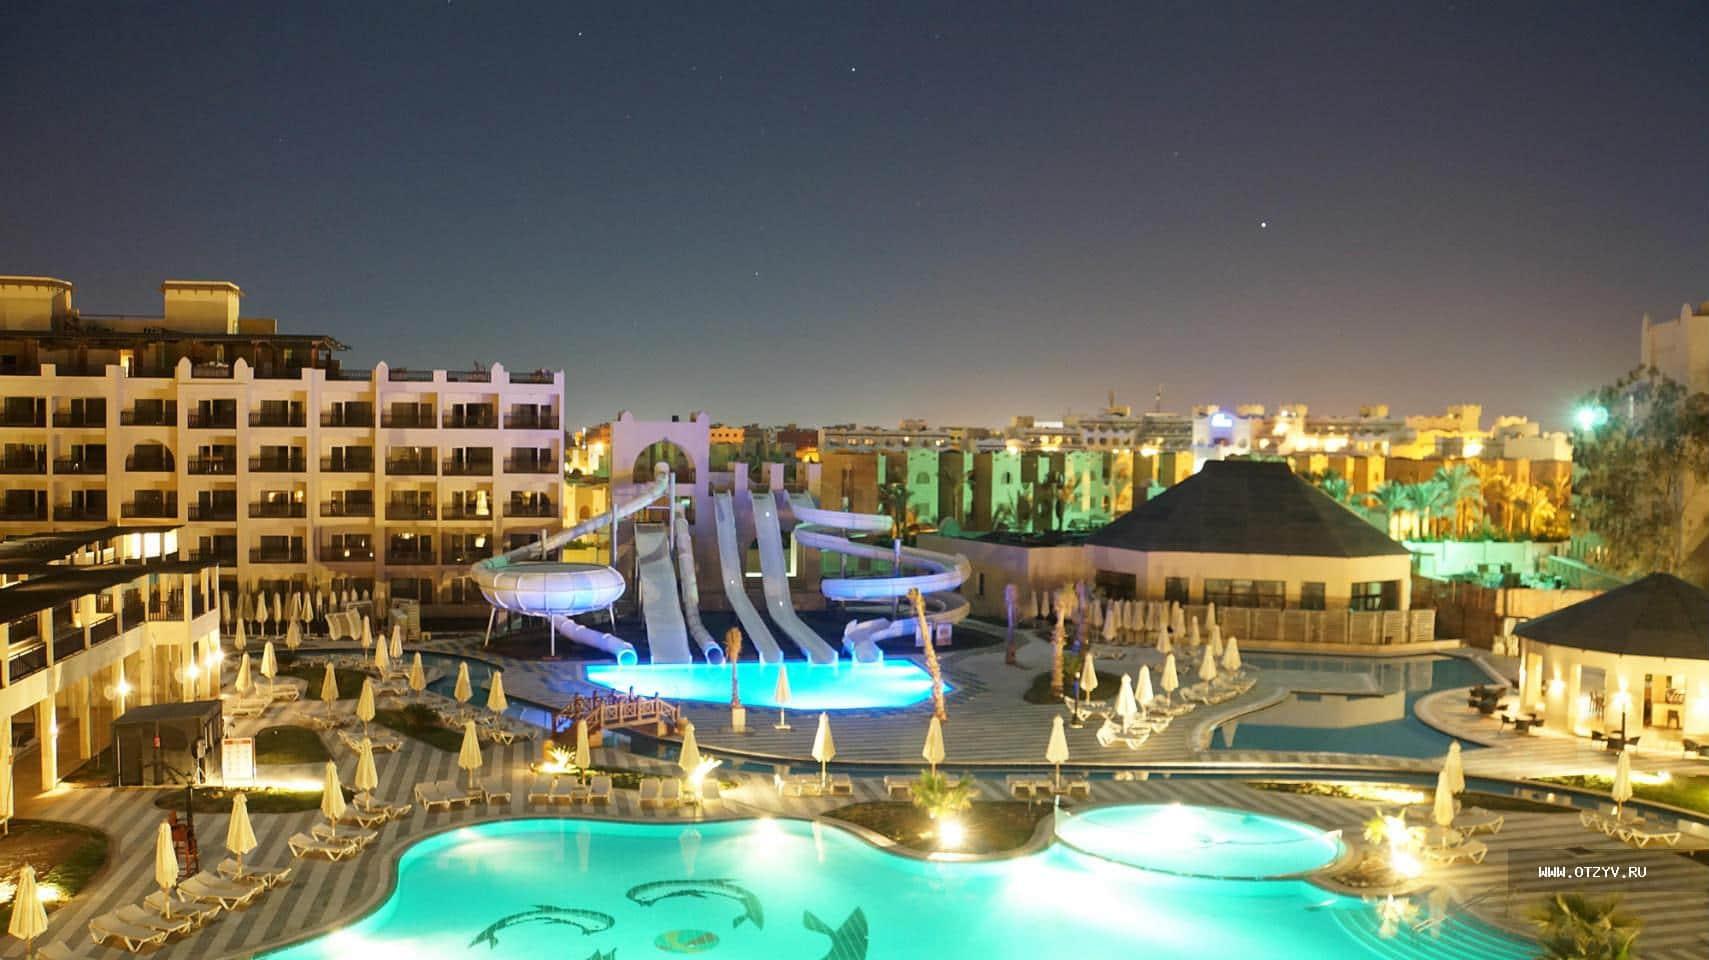 افضل فنادق 5 نجوم في الغردقة 2018